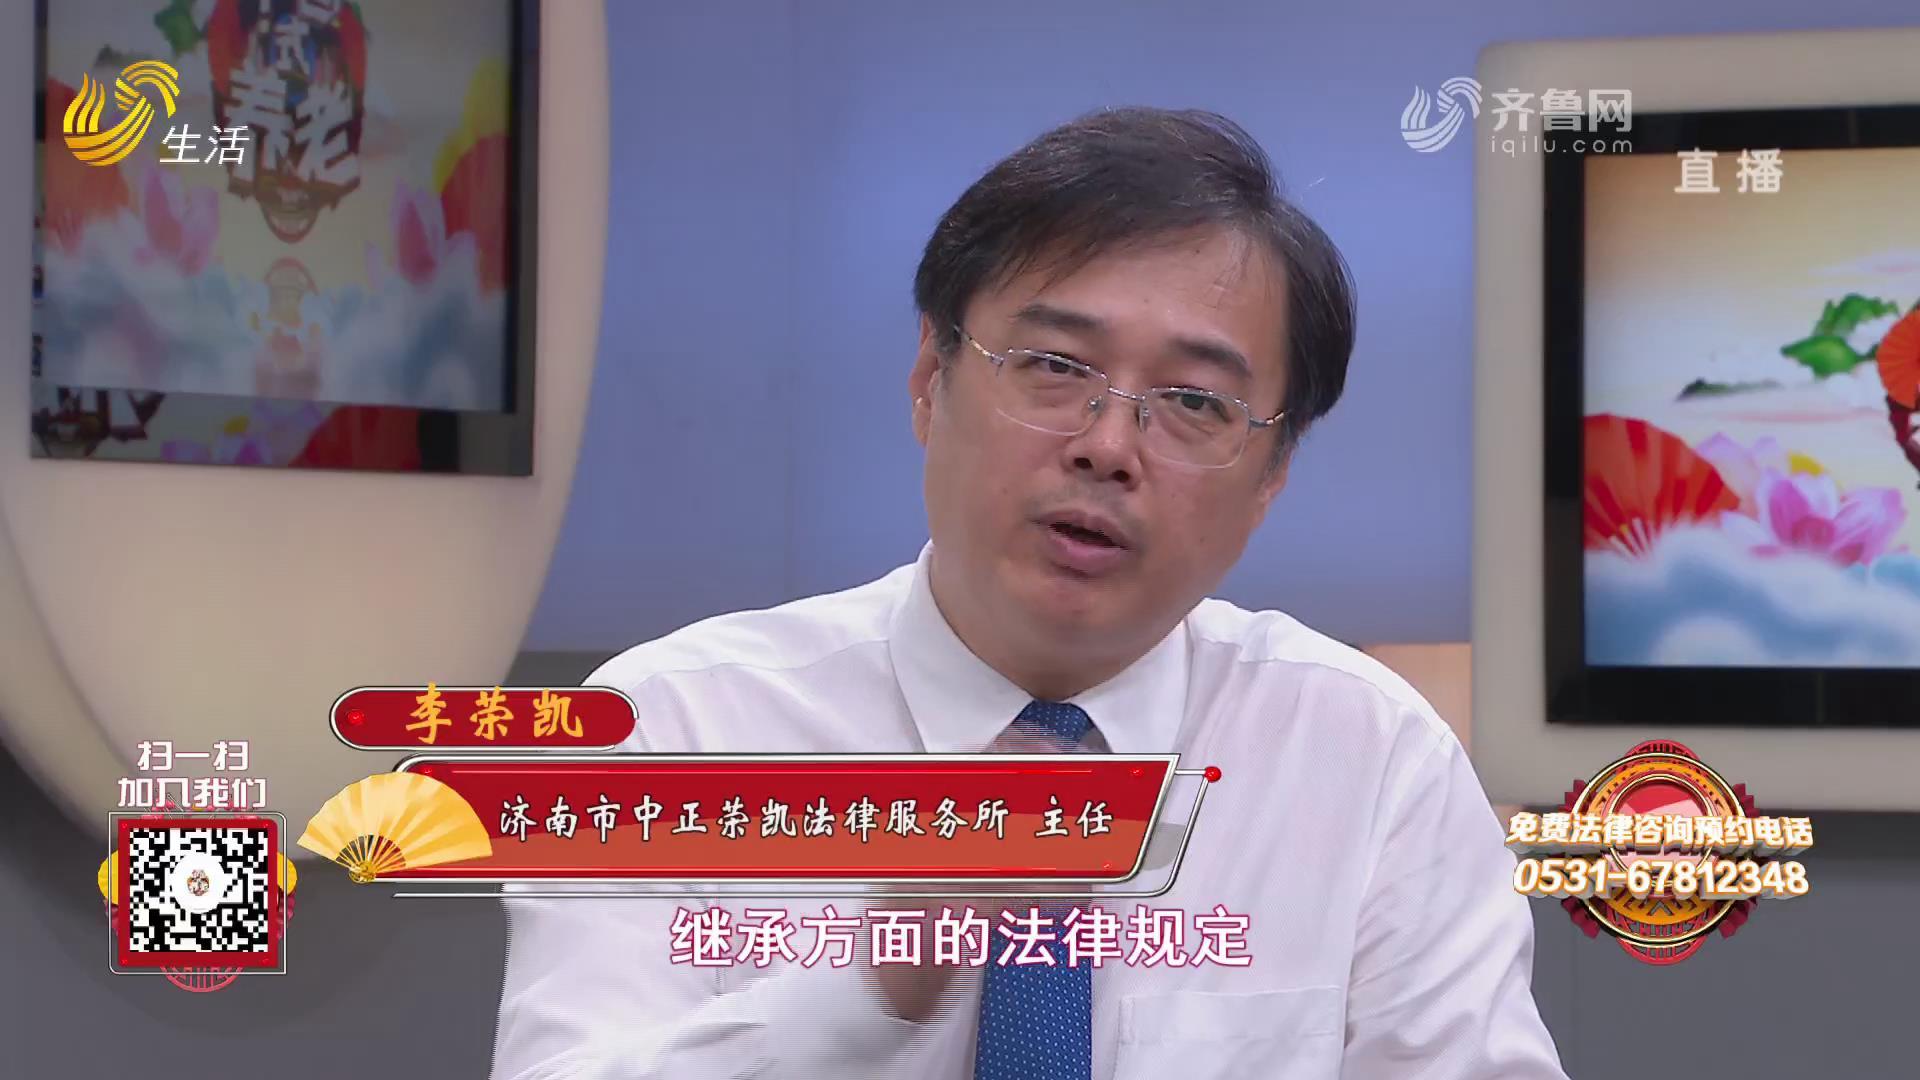 中國式養老-《民法典》繼承編——如何保護老年人權益